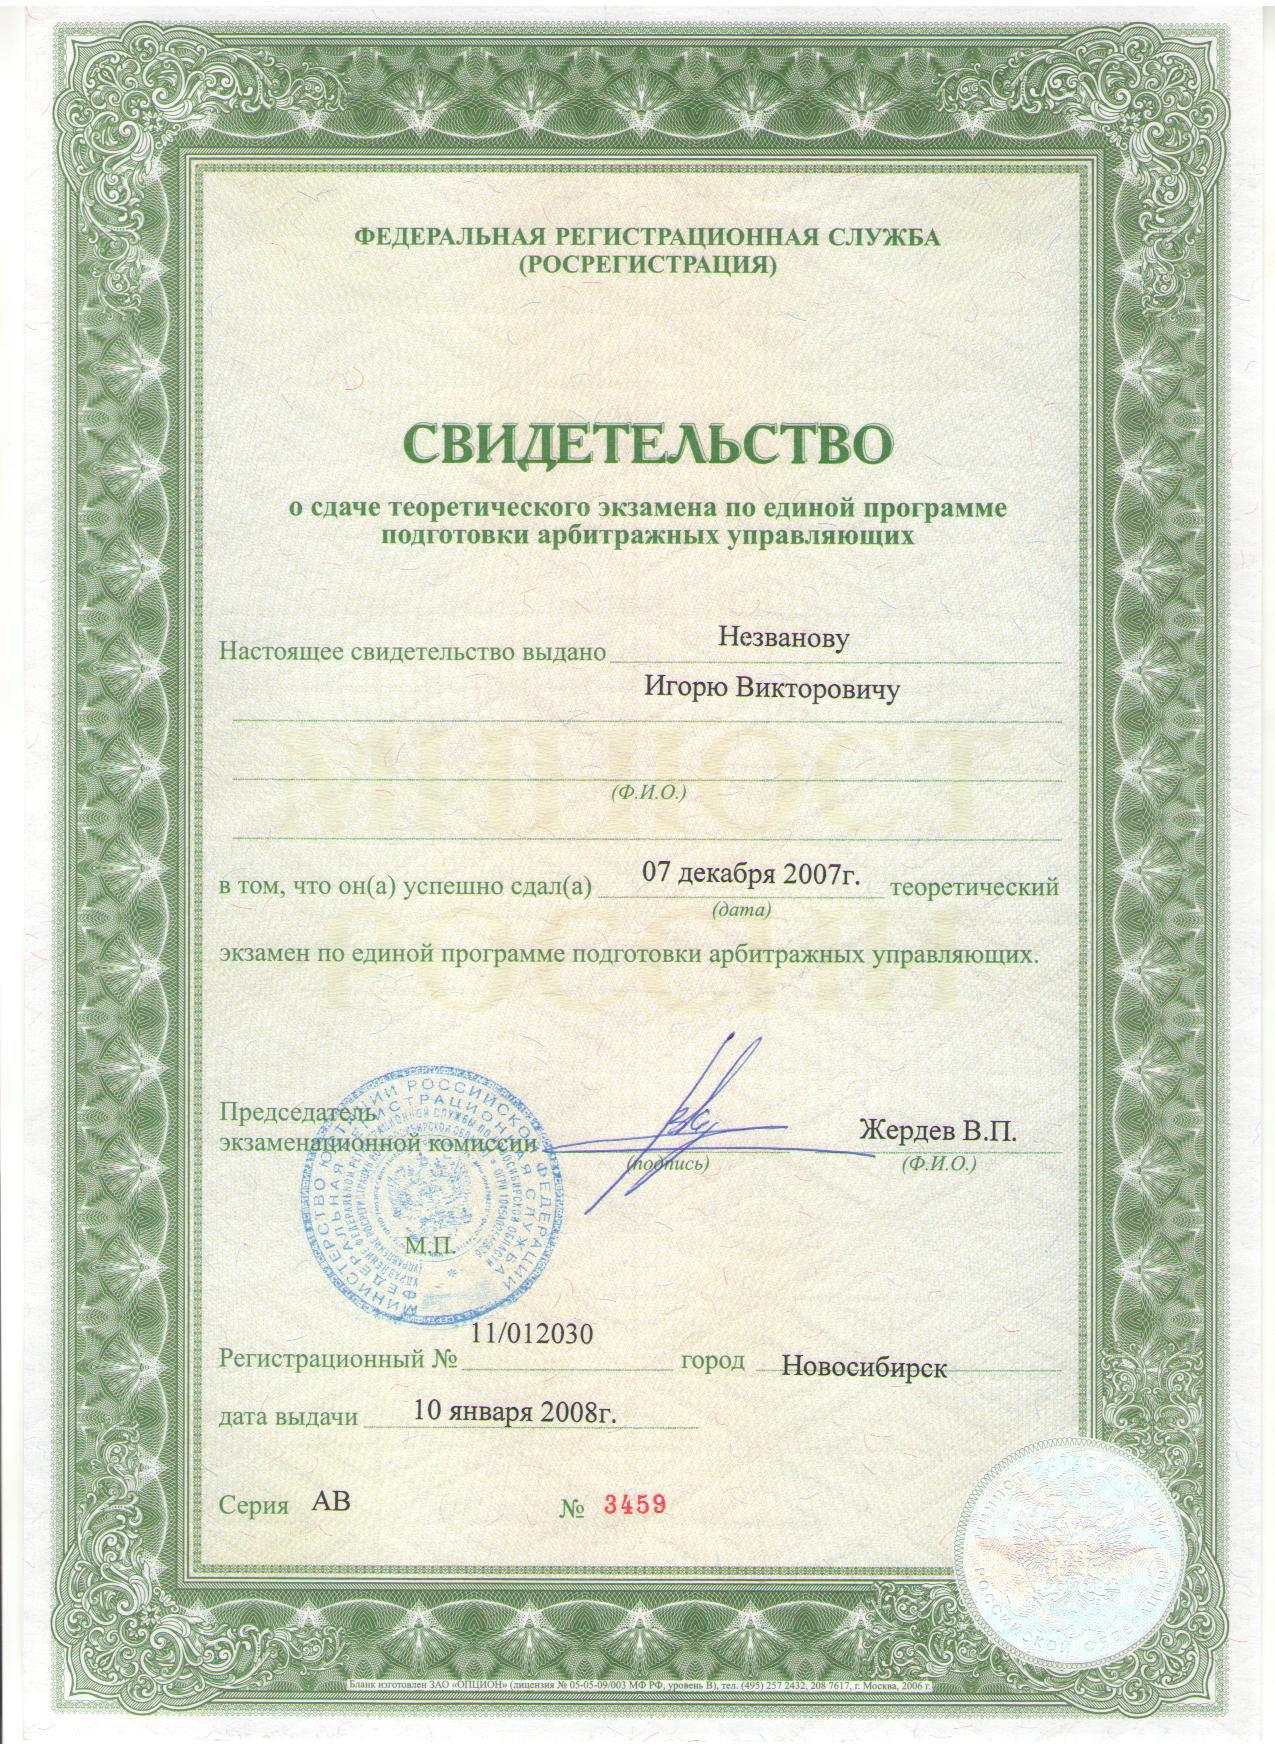 Банкротство Новосибирск Ликвидация предприятия Новосибирск   Прохождение единой программы подготовки арбитражных управляющих антикризисное управление осень 2007 года